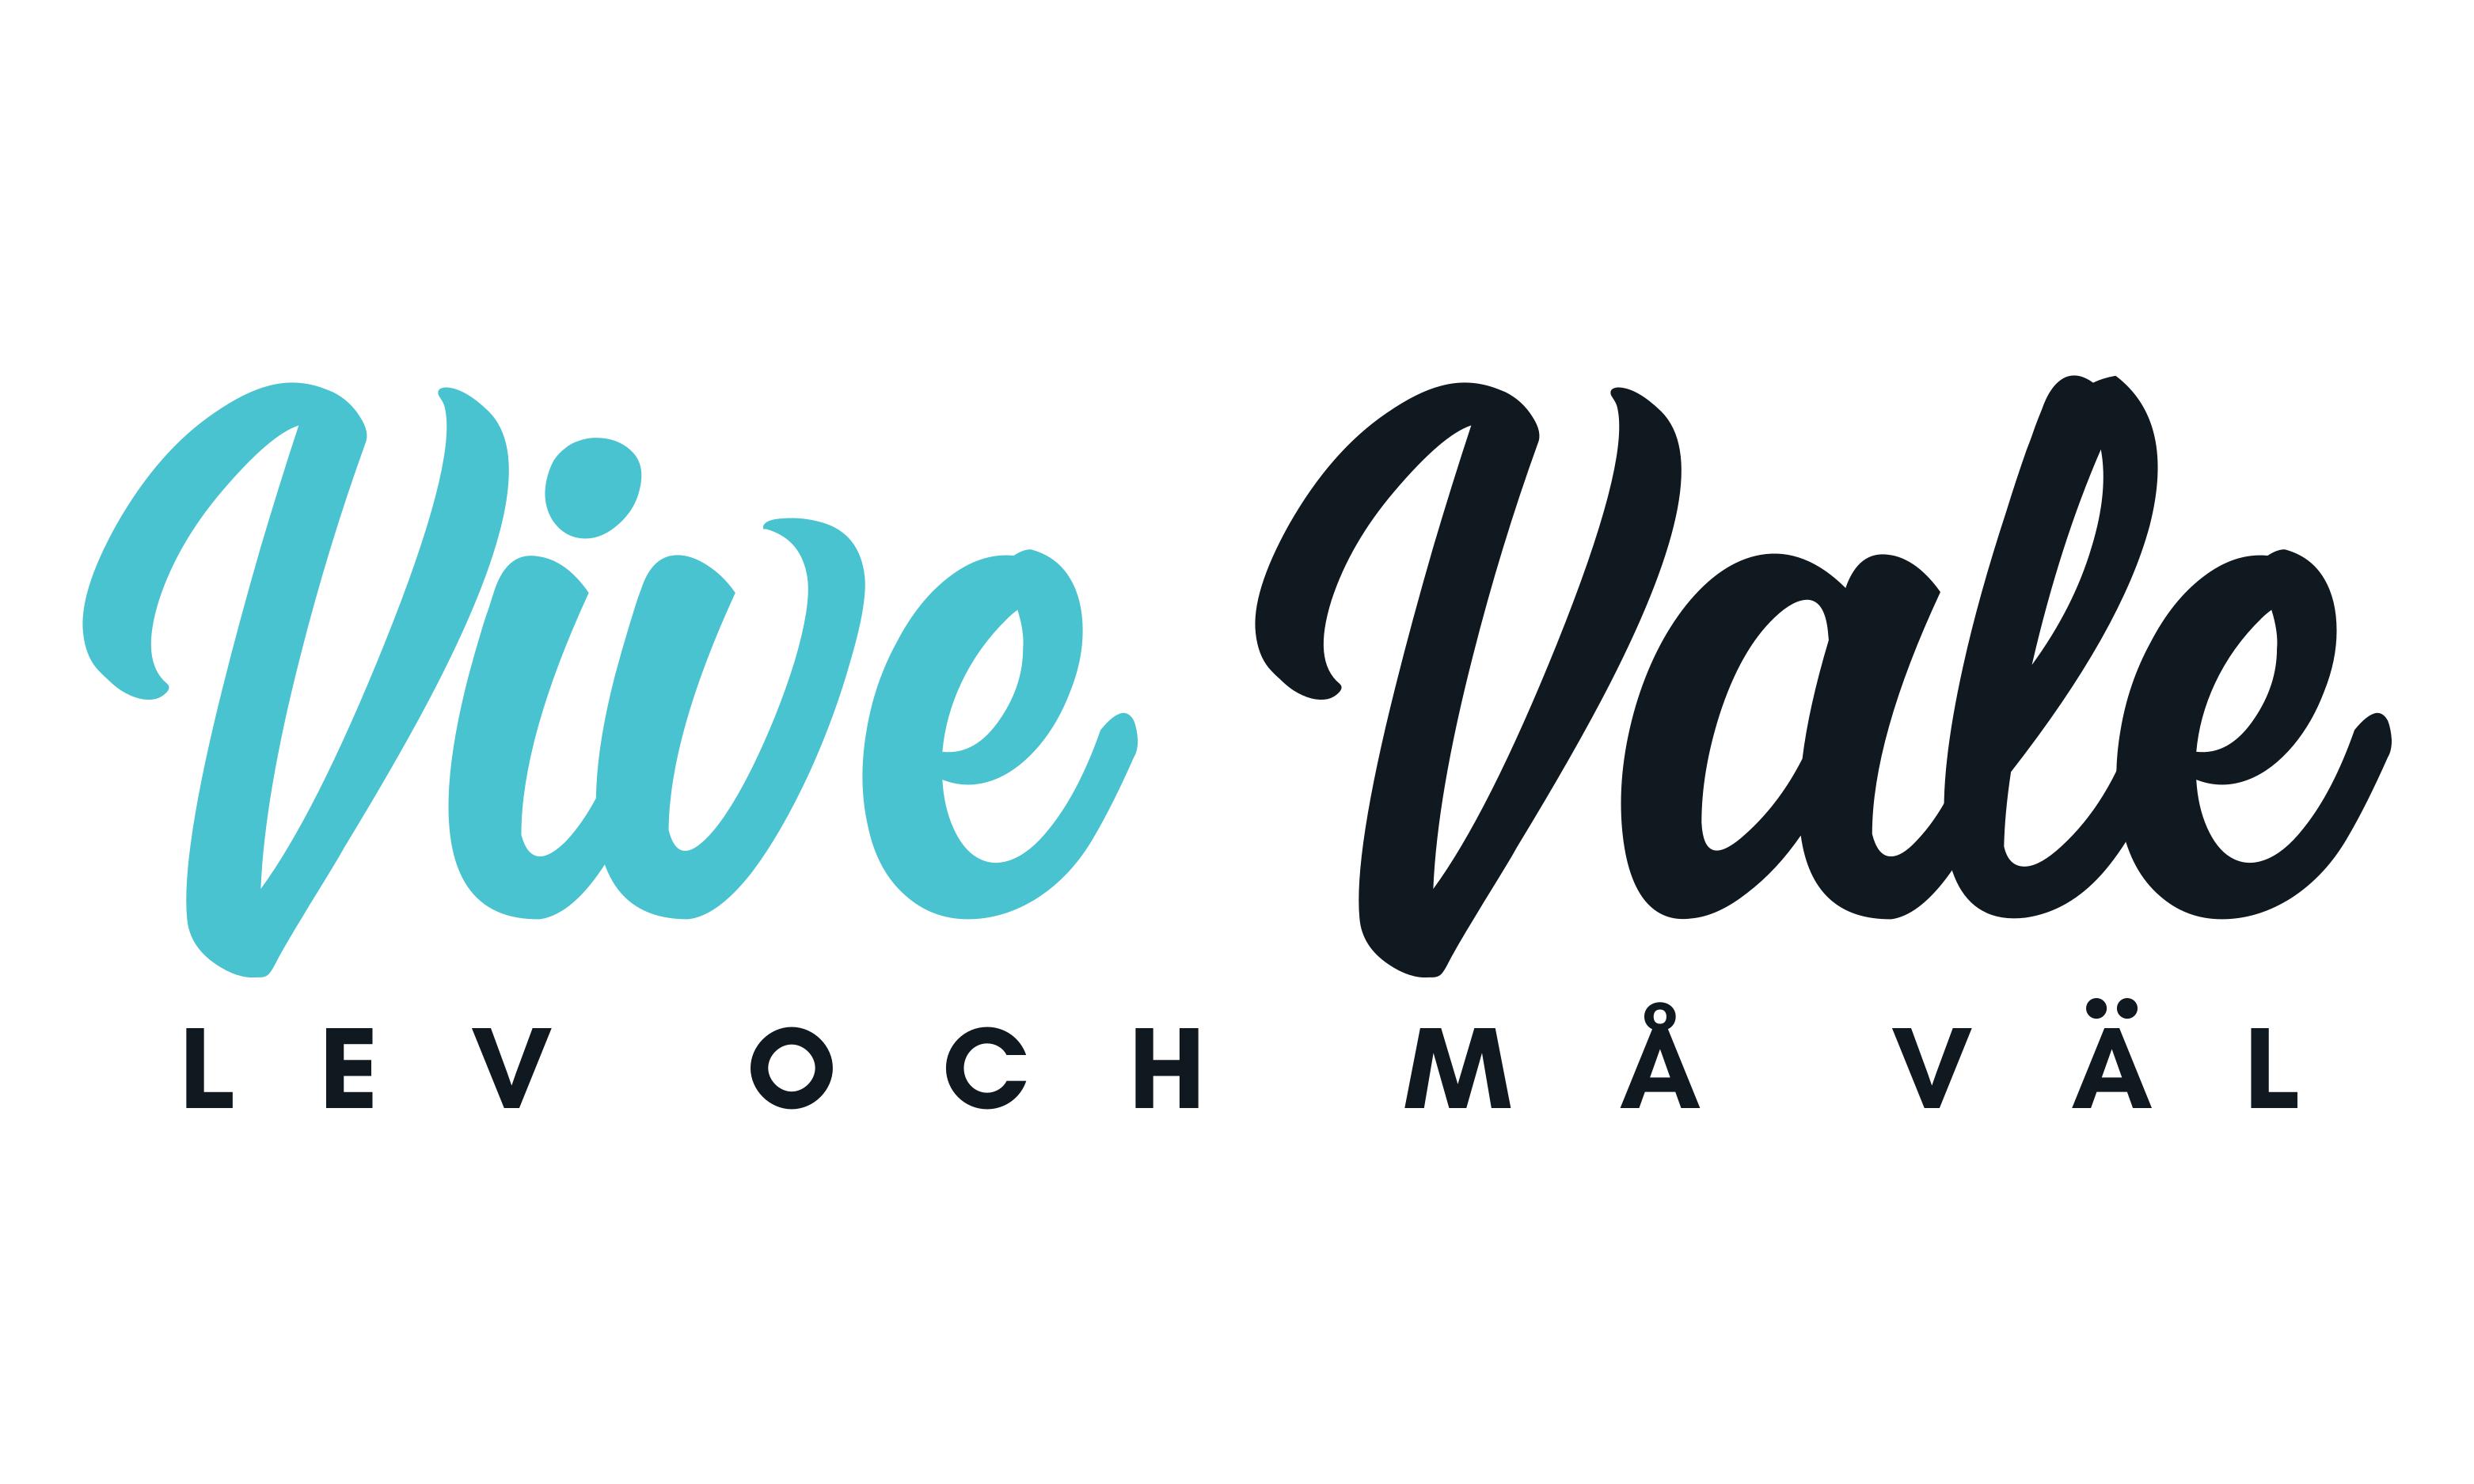 Vive Vale- Lev och Må Väl logo